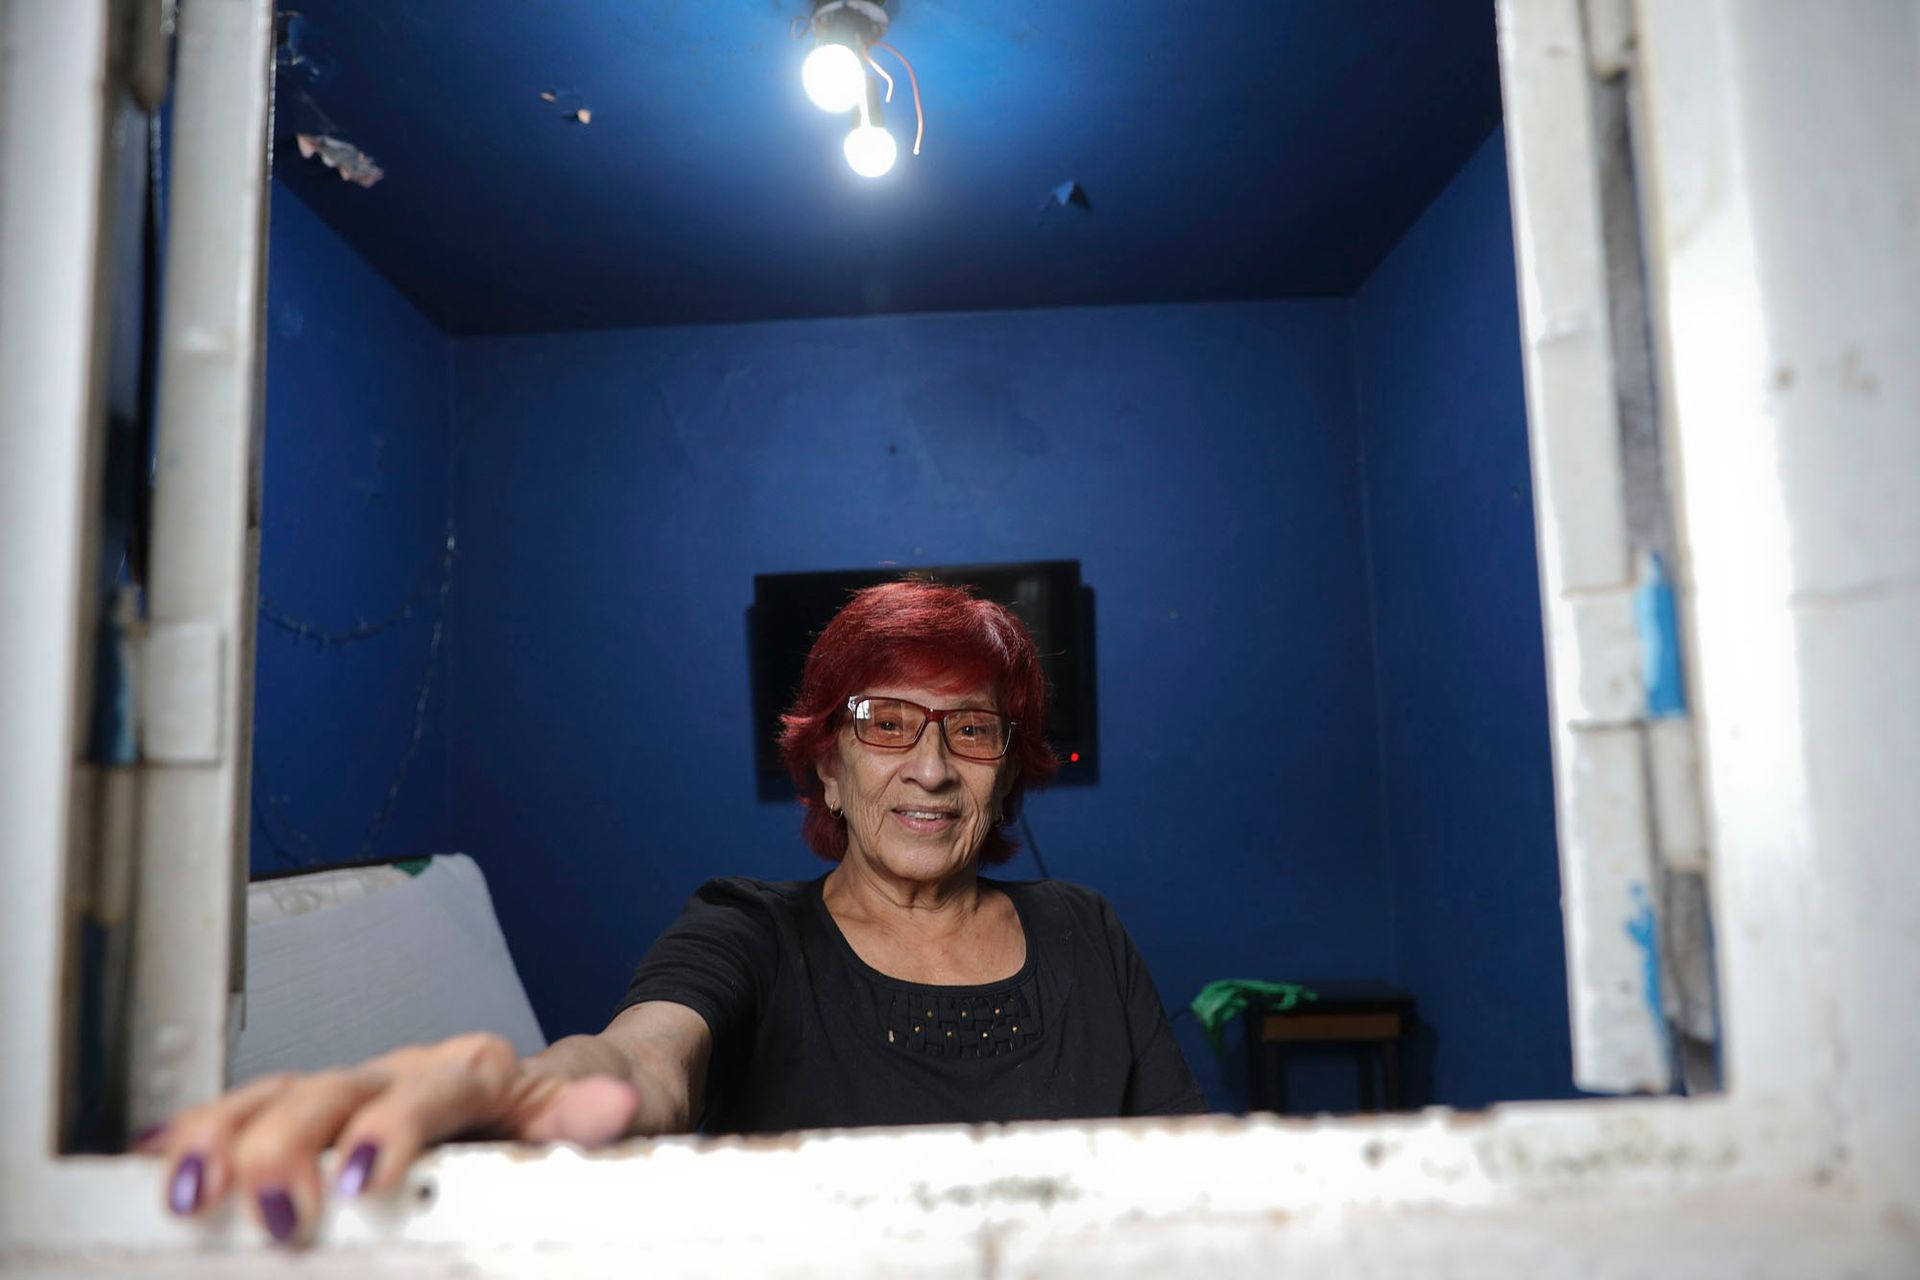 Susana Acuña, la propietaria de la casa, en el famoso Cuartito Azul ubicado en el ingreso de la terraza de su casa